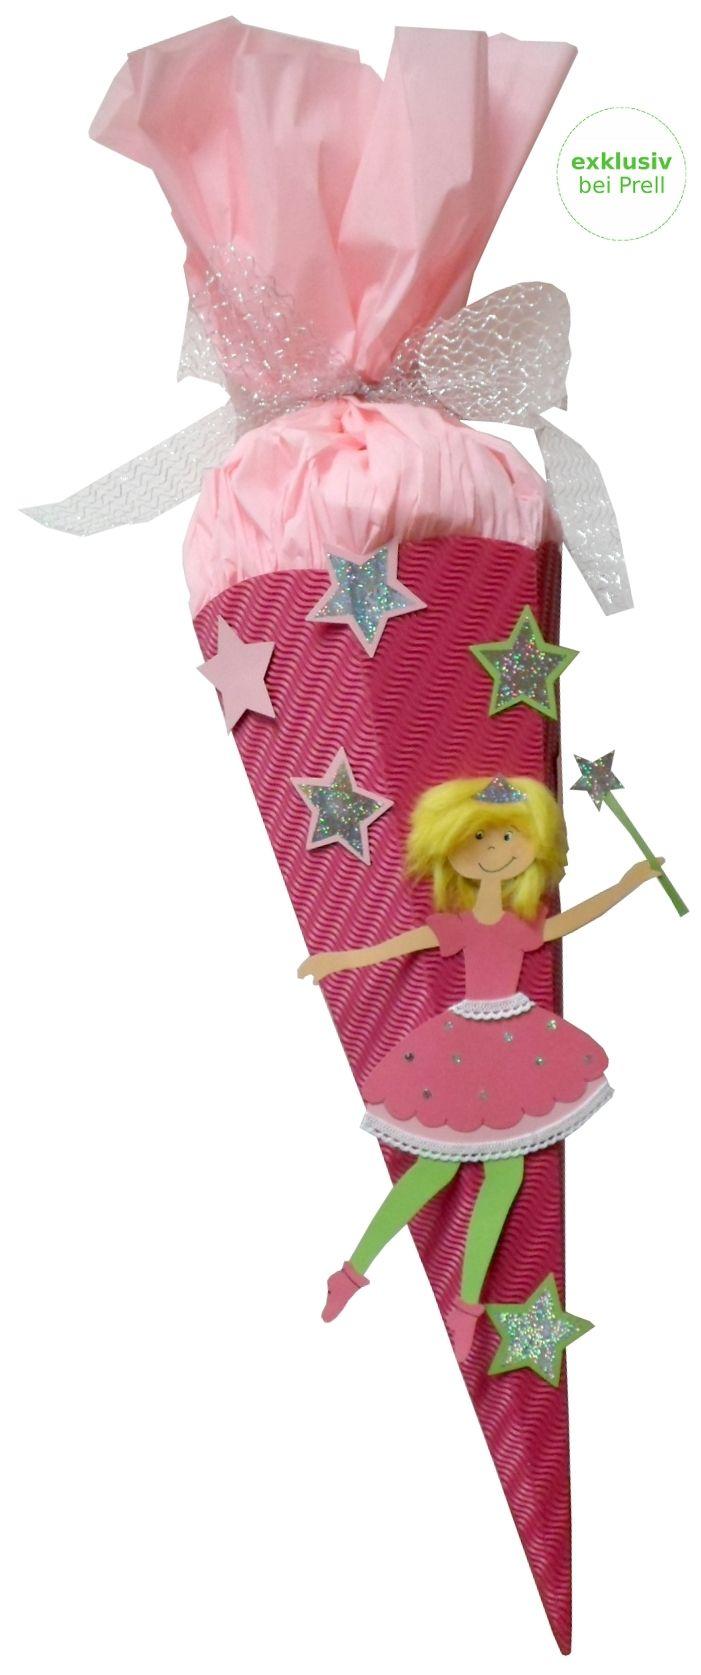 Mädchen Schultüte Fee rosa inkl. Schulstarterpaket finden Sie unter http://www.prell-versand.de/Basteltechniken/Bastelmaterial/Schultueten/Schultueten-nur-bei-Prell/Schultuete-Bastelset-Kleine-Fee-inkl--Schulstarterpaket-GRATIS.html